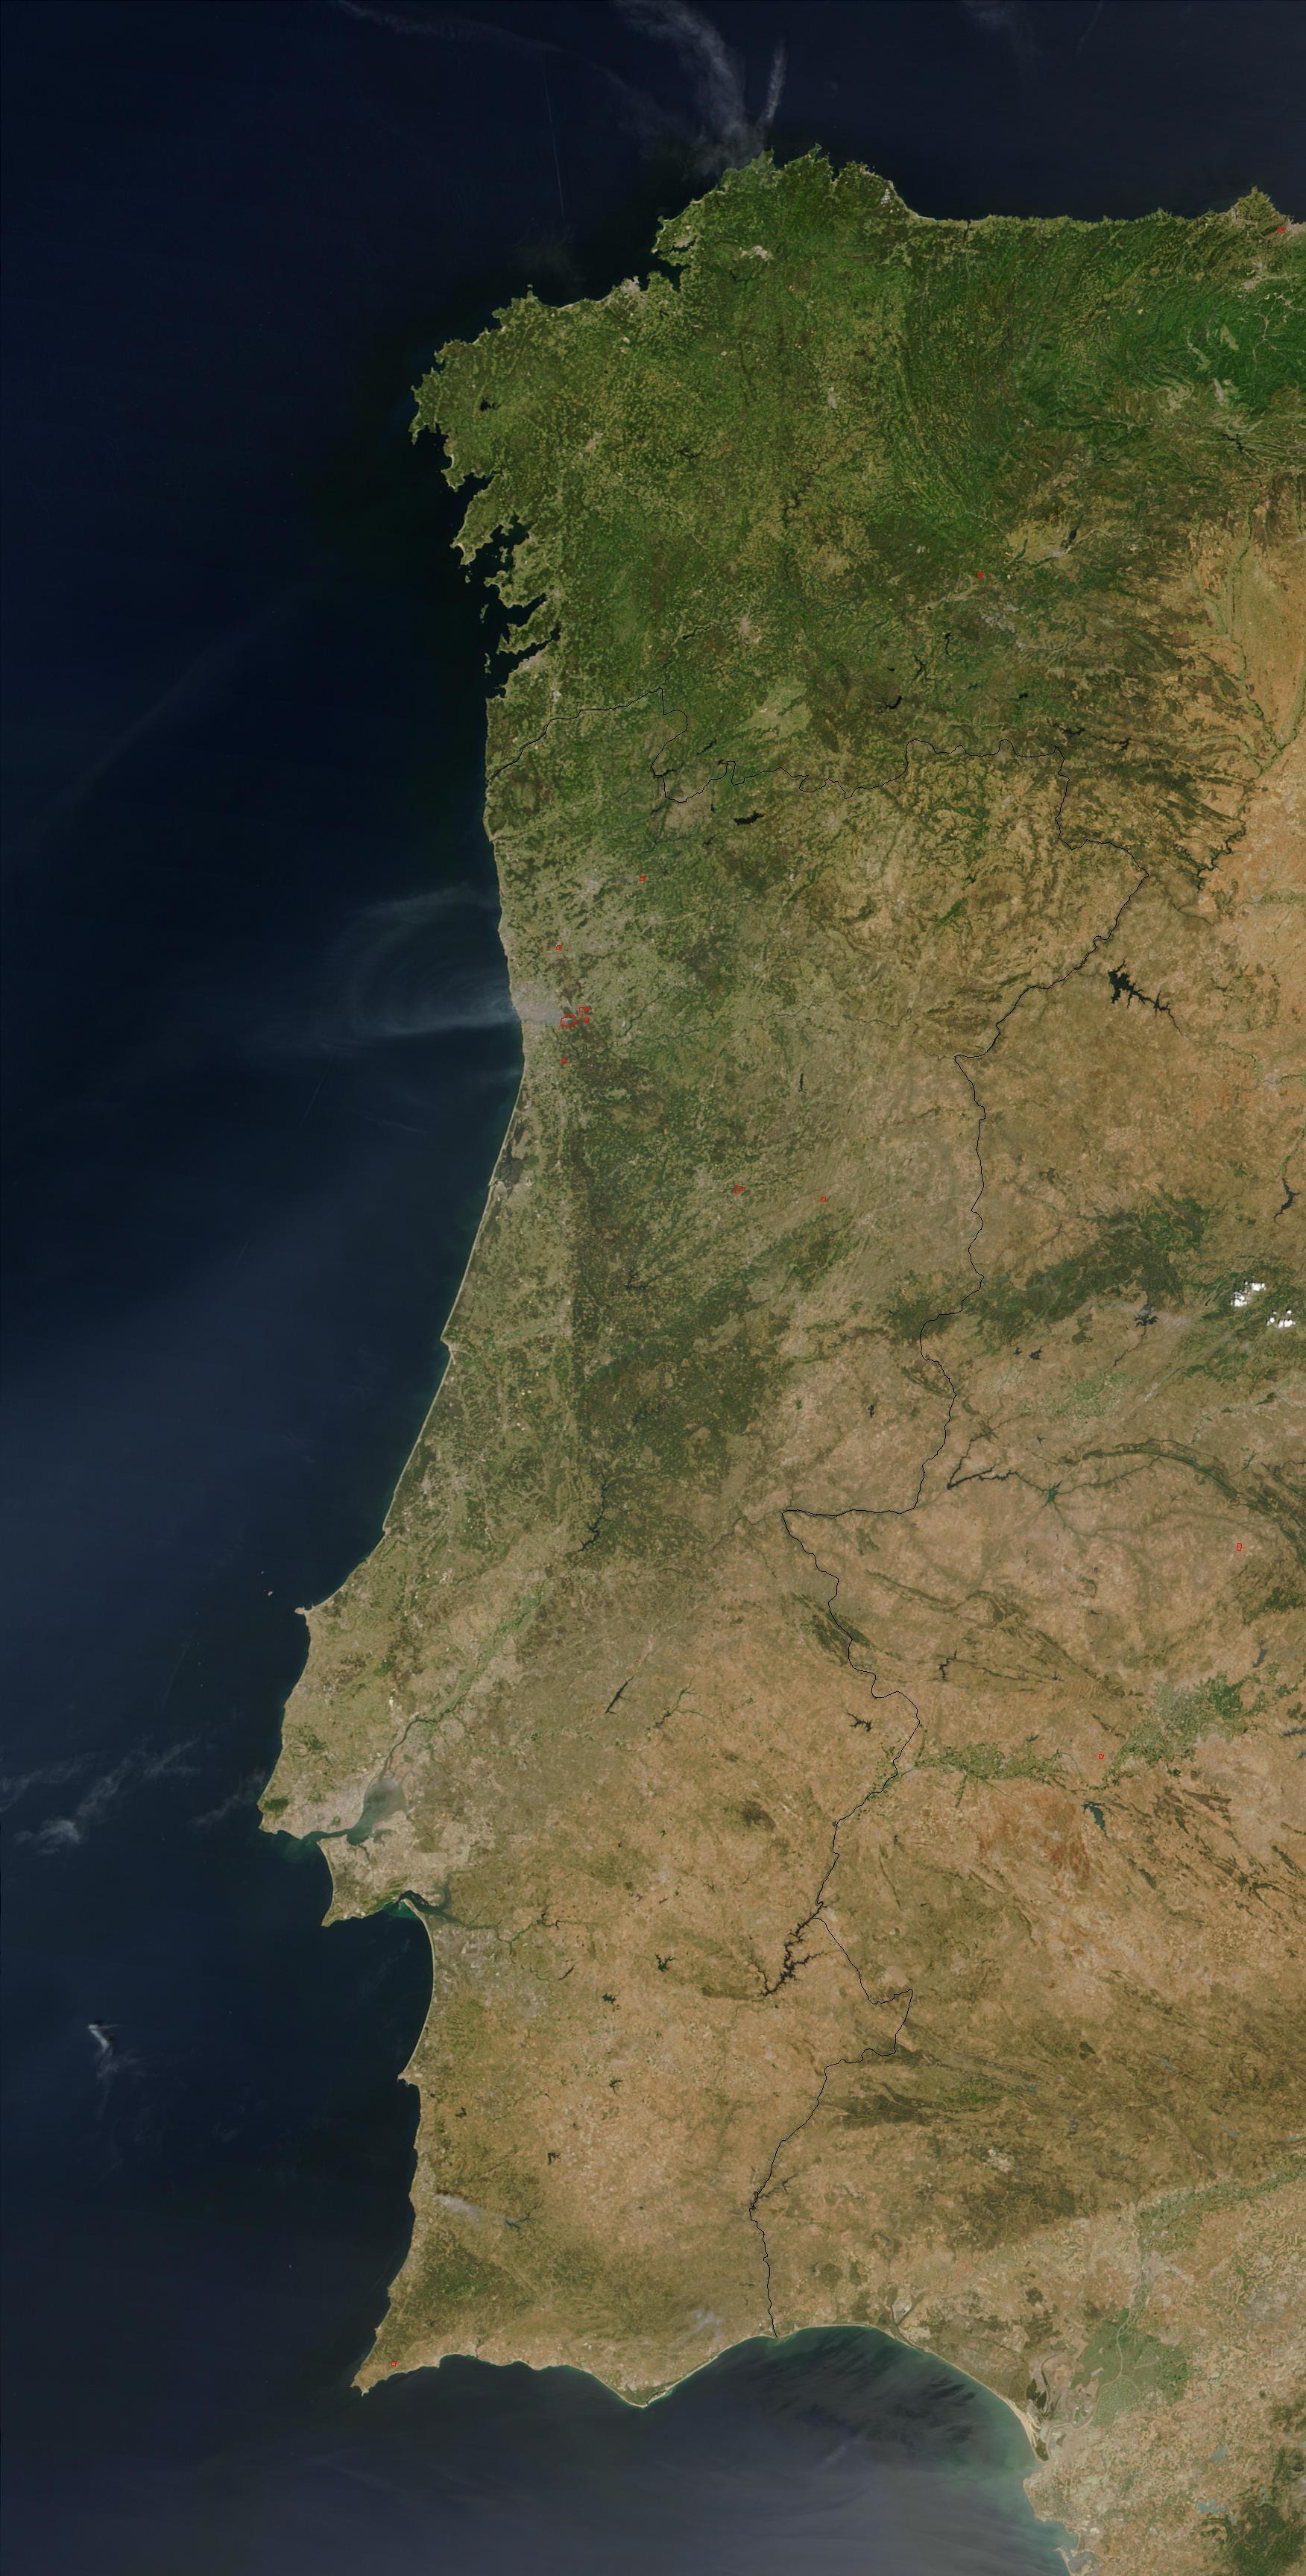 mapa de portugal visto por satelite VERITATIS: Fevereiro 2012 mapa de portugal visto por satelite